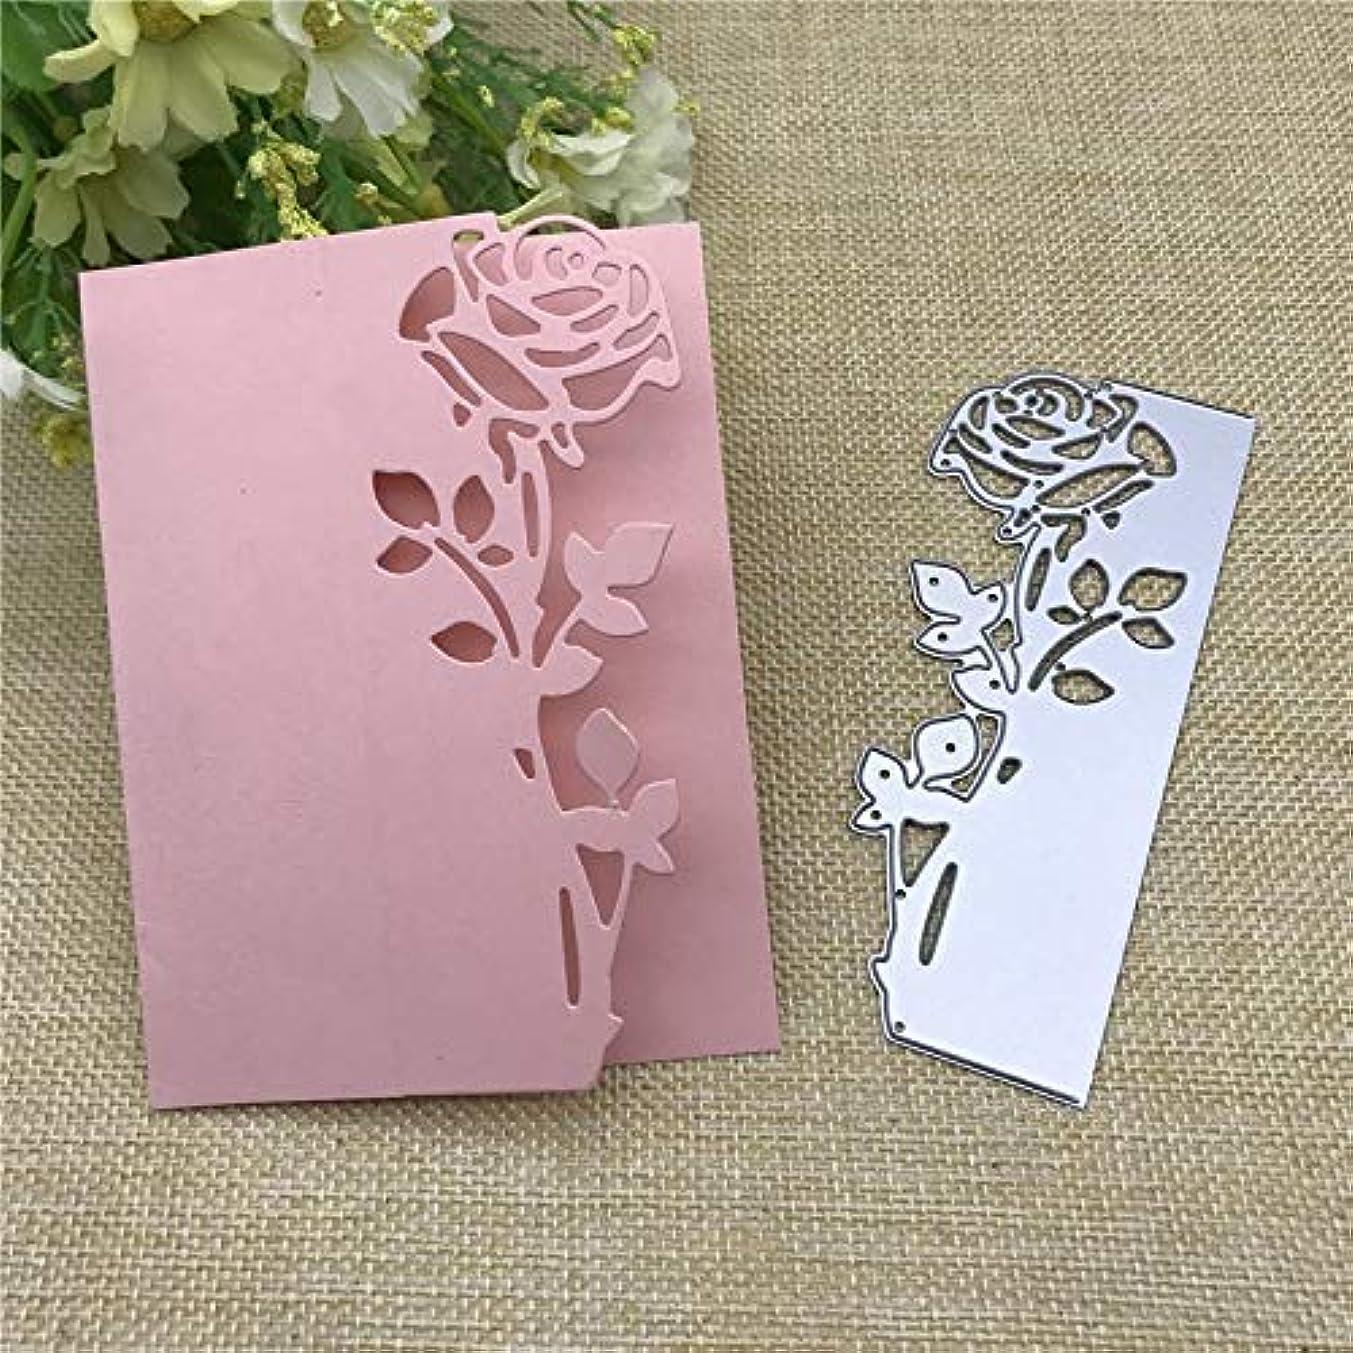 4.6x1.8inch Rose 2019 New Die Cuts Metal Cutting Die Craft Die for Scrapbooking Card Making